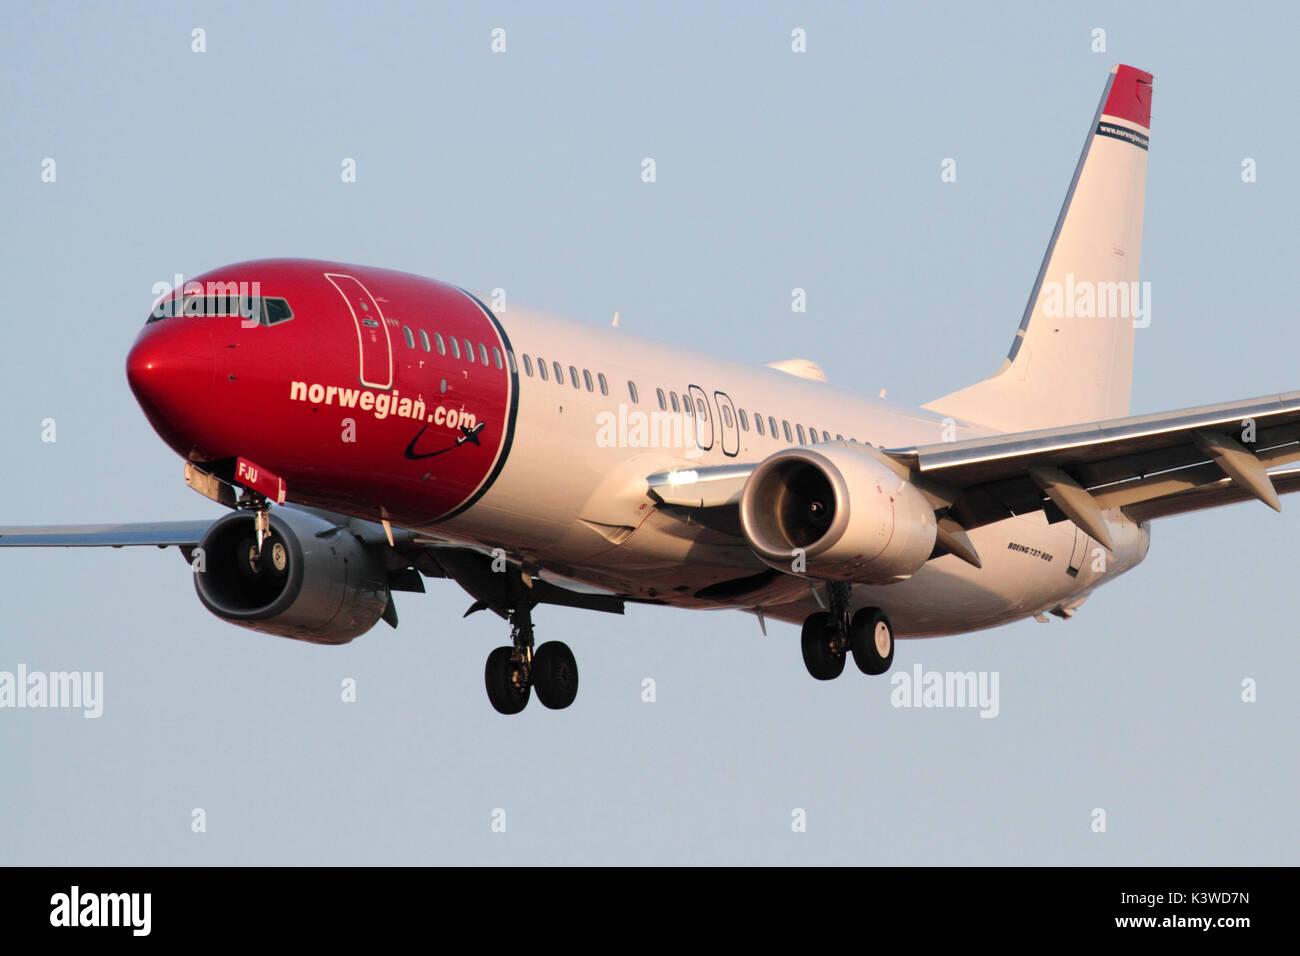 Norwegian Airlines Boeing 737-800 (737 ng o Next Generation) avión en la aproximación al atardecer Foto de stock